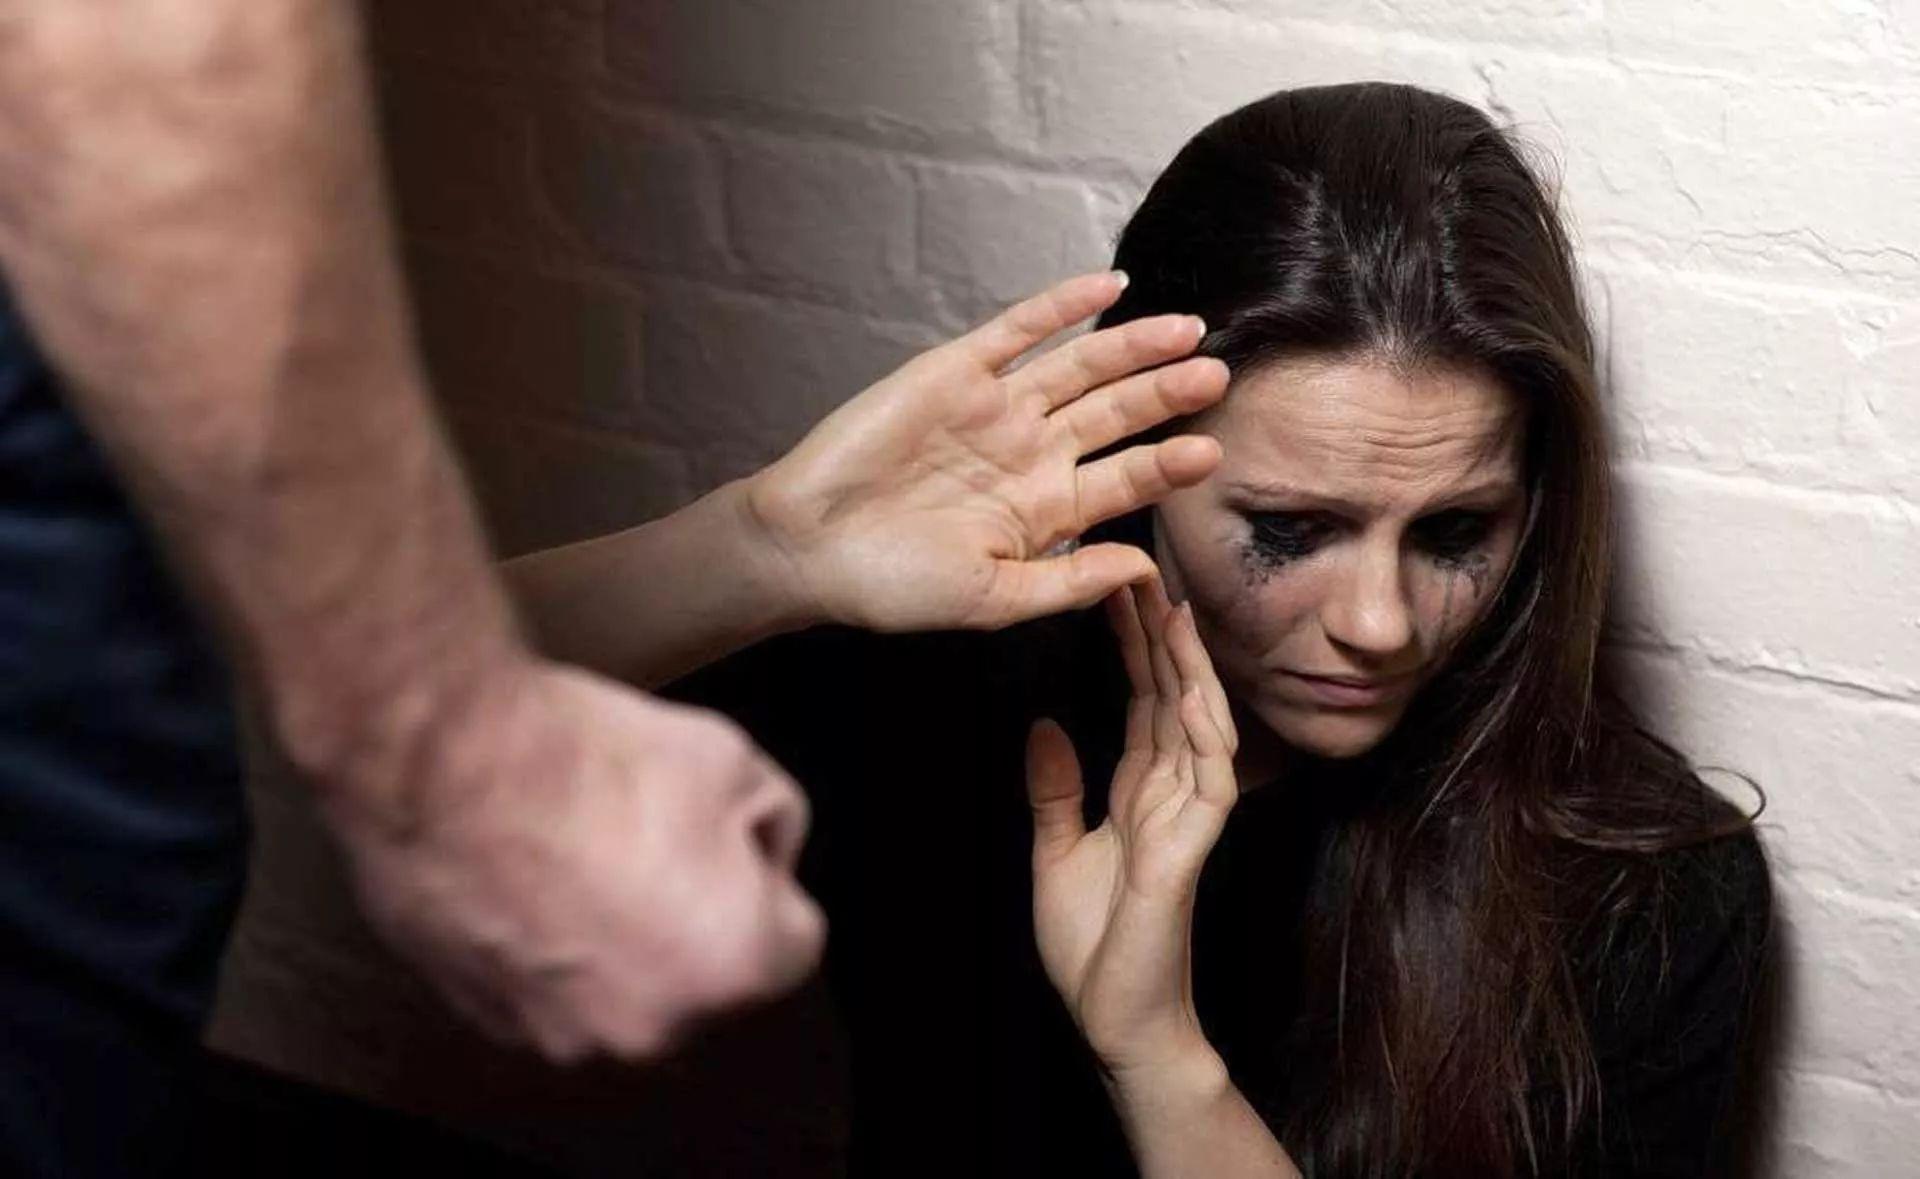 Forme di violenza sulle donne | Centro Antiviolenza Aiutodonna Pistoia